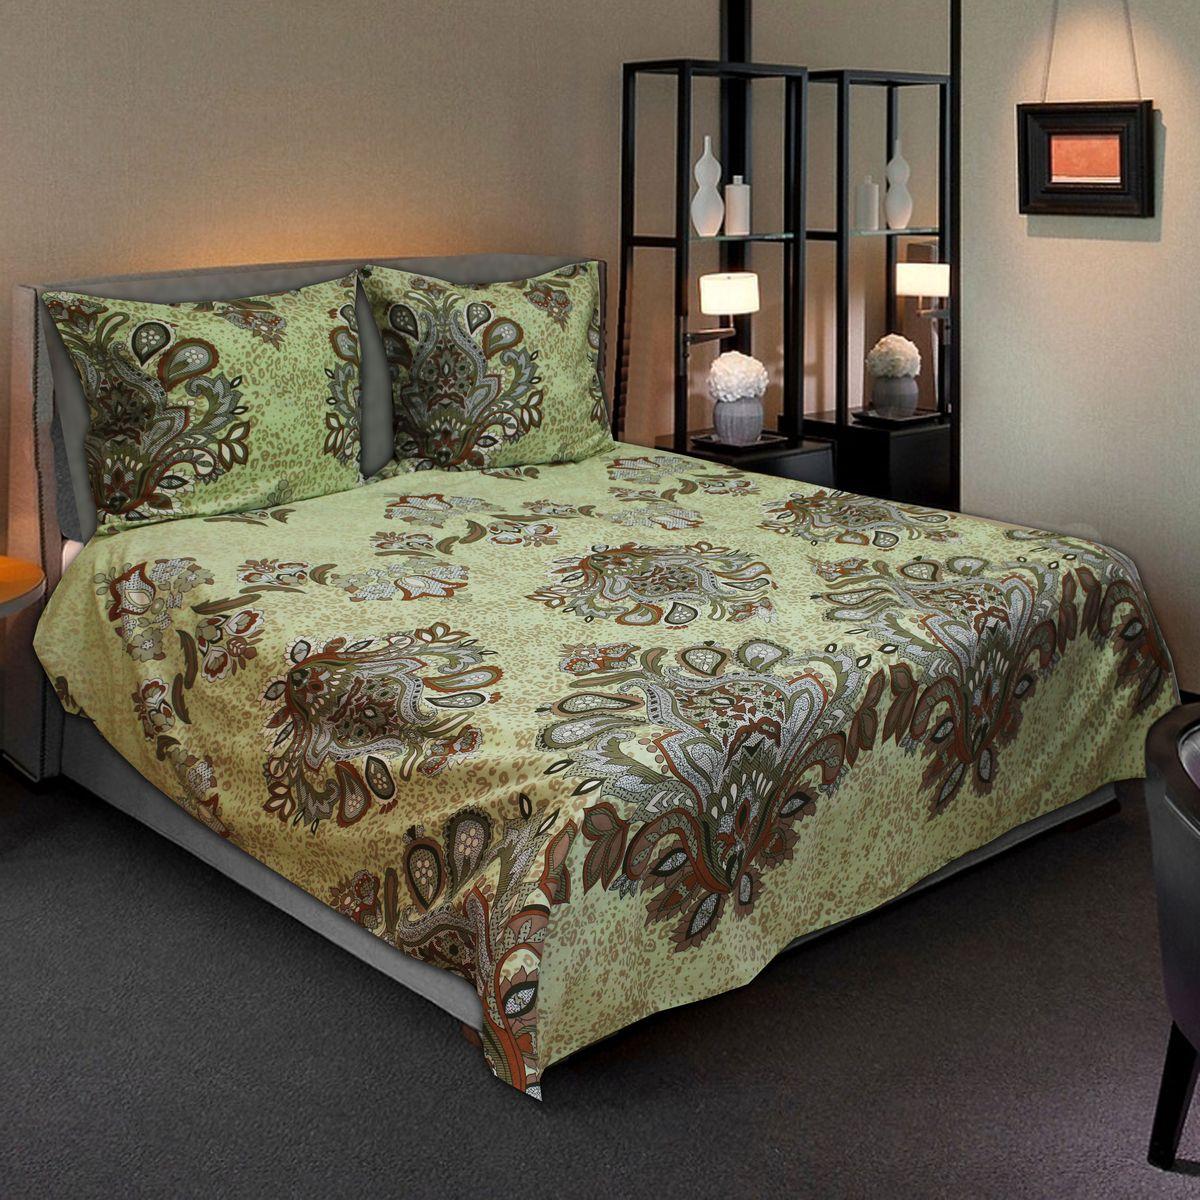 Комплект белья Amore Mio Decor, семейный, наволочки 70х70391602Комплект постельного белья Amore Mio является экологически безопасным для всей семьи, так как выполнен из бязи (100% хлопок). Постельное белье оформлено оригинальным рисунком и имеет изысканный внешний вид.Легкая, плотная, мягкая ткань отлично стирается, гладится, быстро сохнет.Комплект состоит из двух пододеяльников, простыни и двух наволочек.